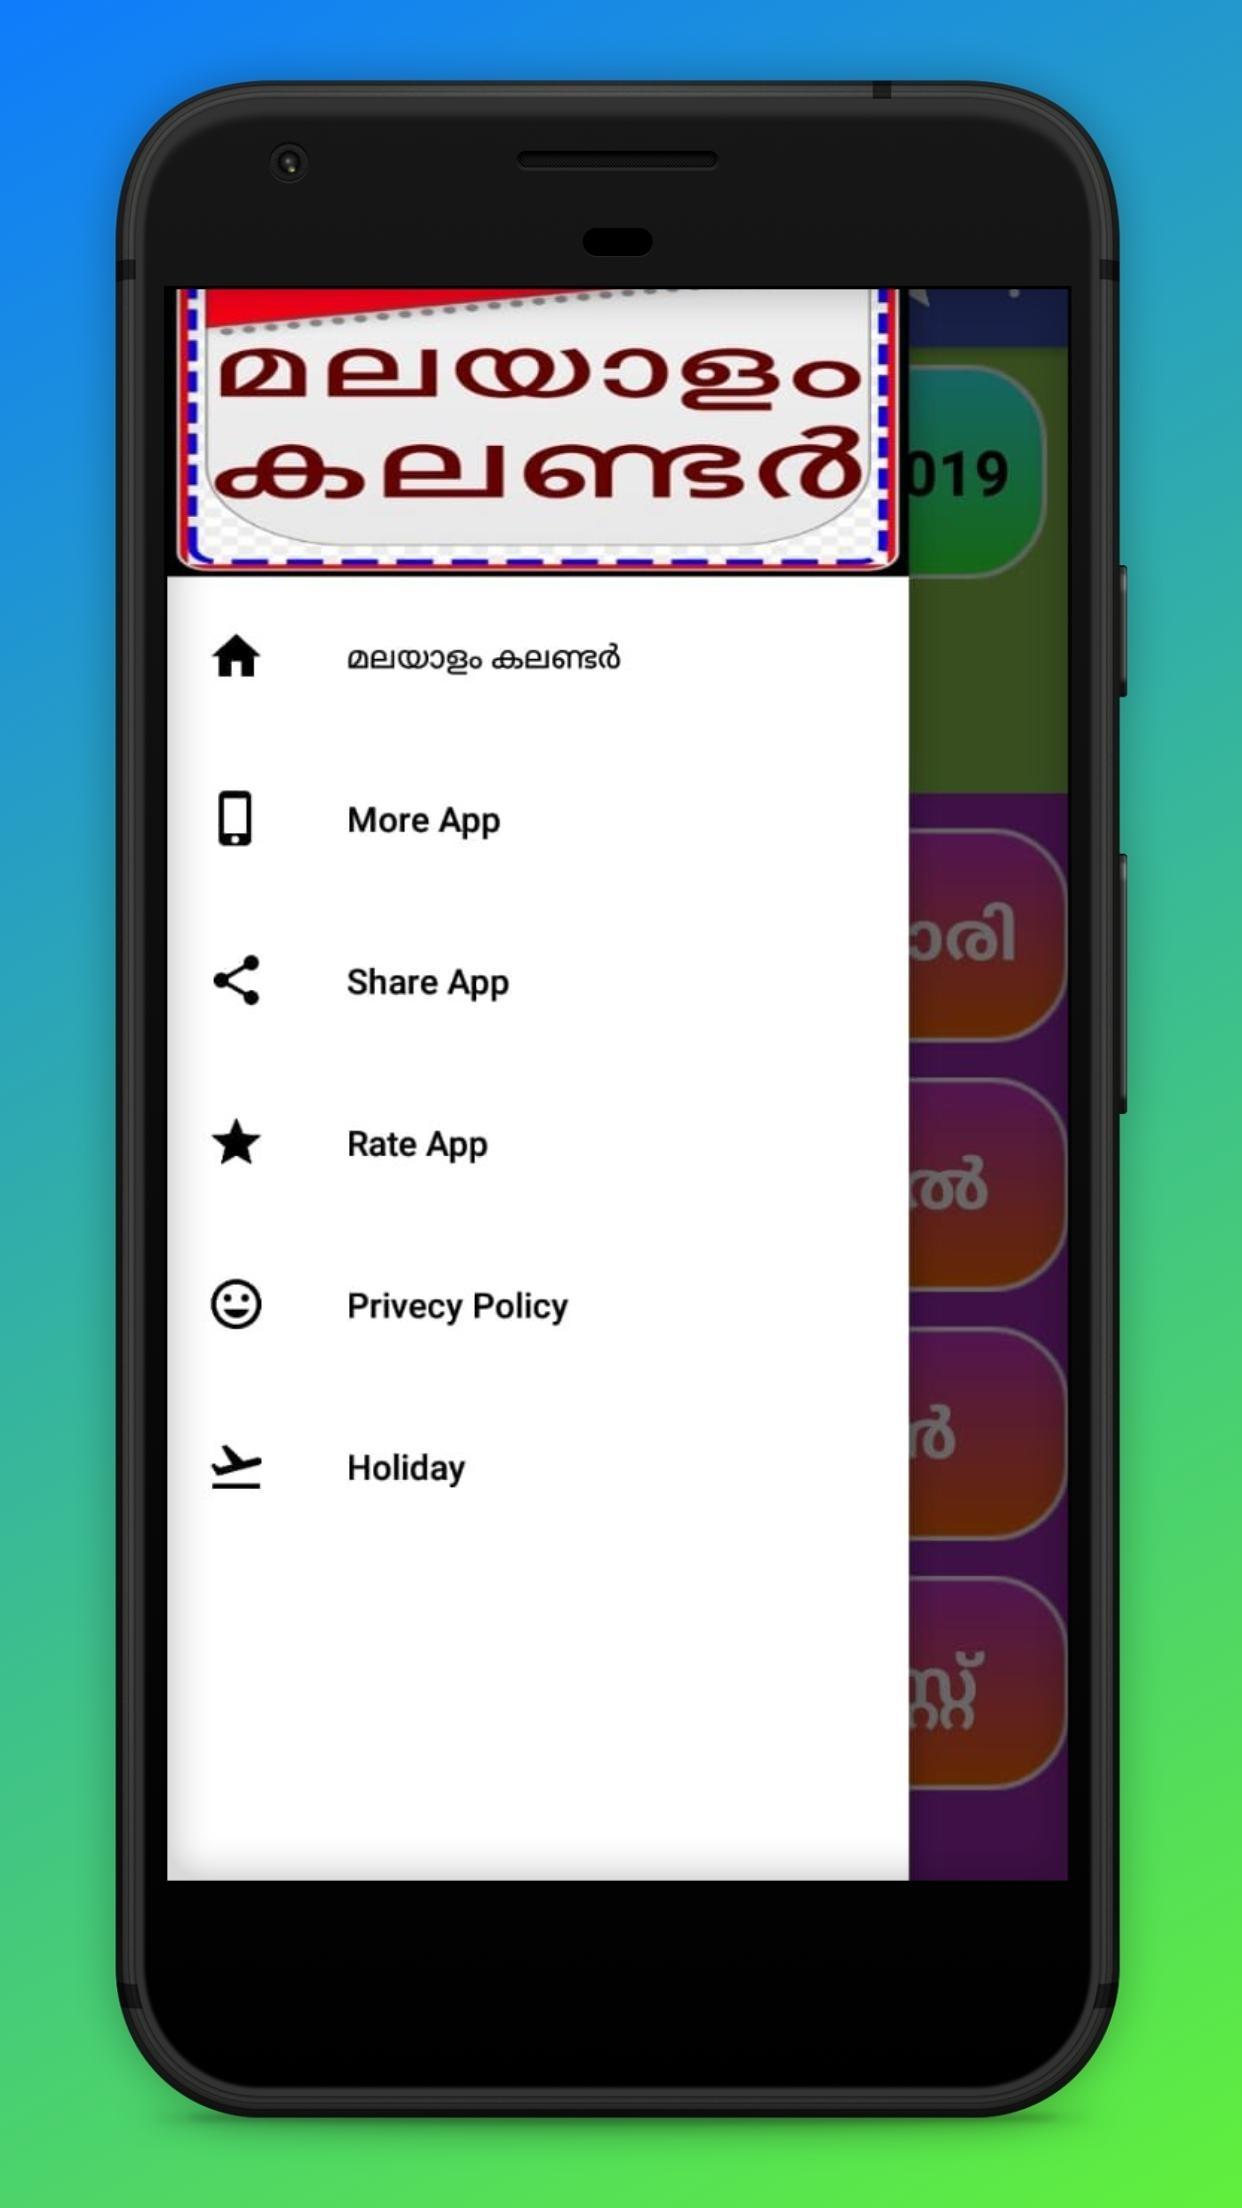 Malayalam Calendar 2021 For Android - Apk Download Manorama Calendar 2021 September